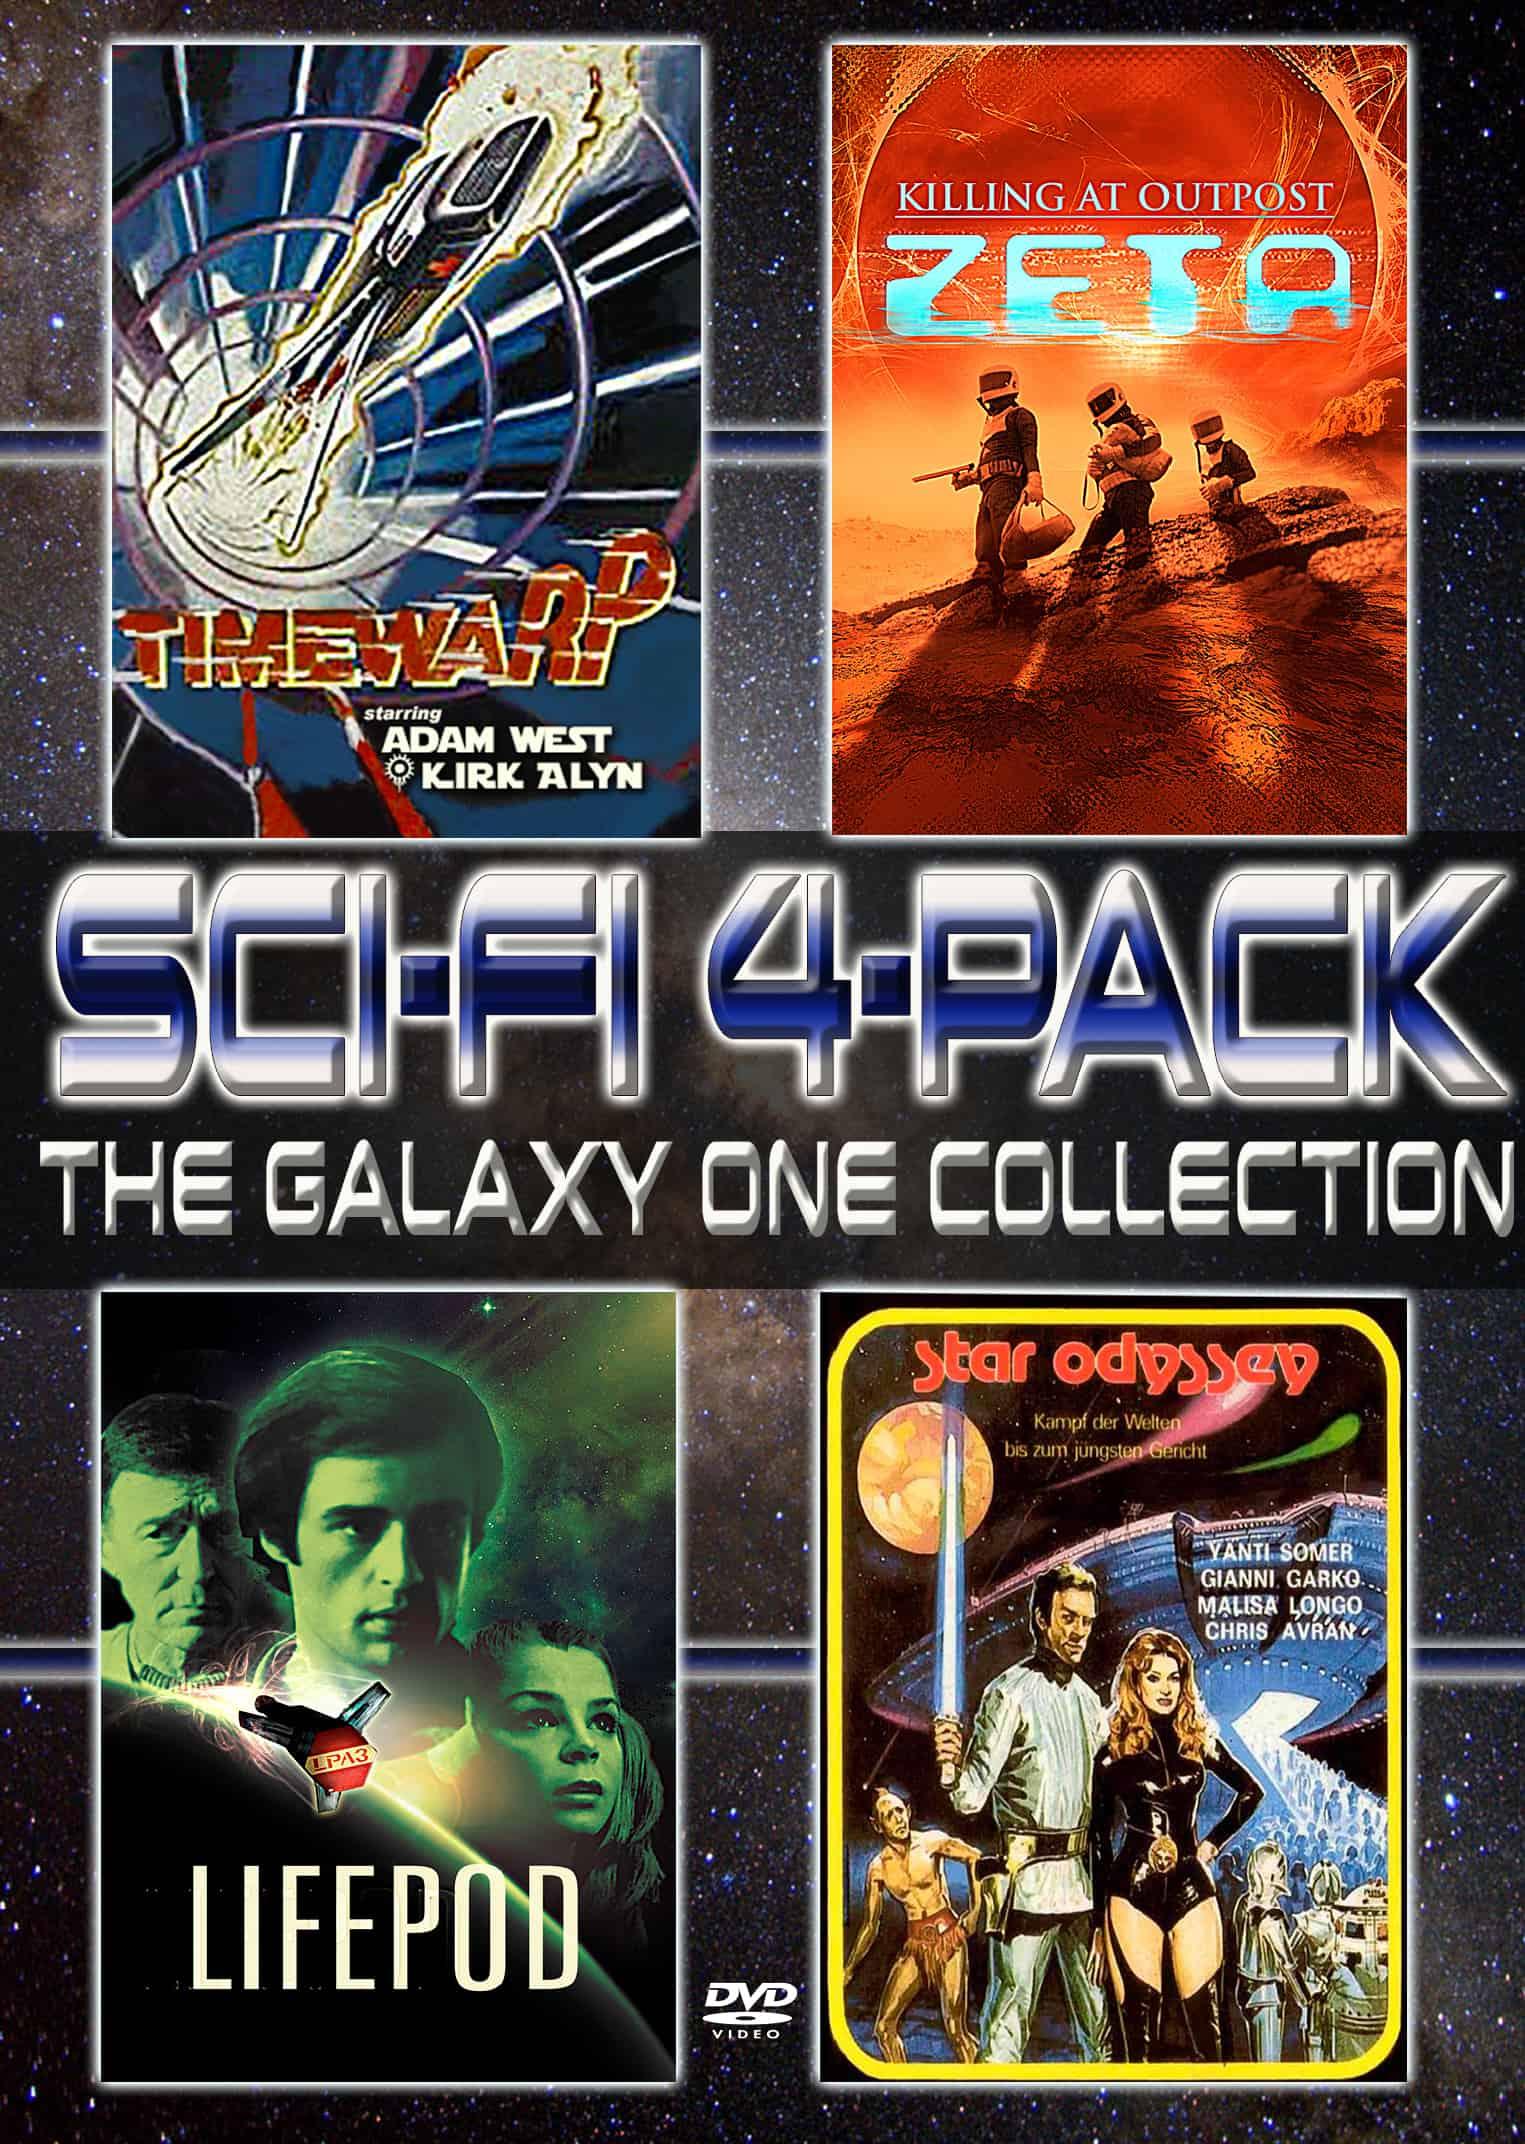 SCI FI 4 PACK DVD MVD